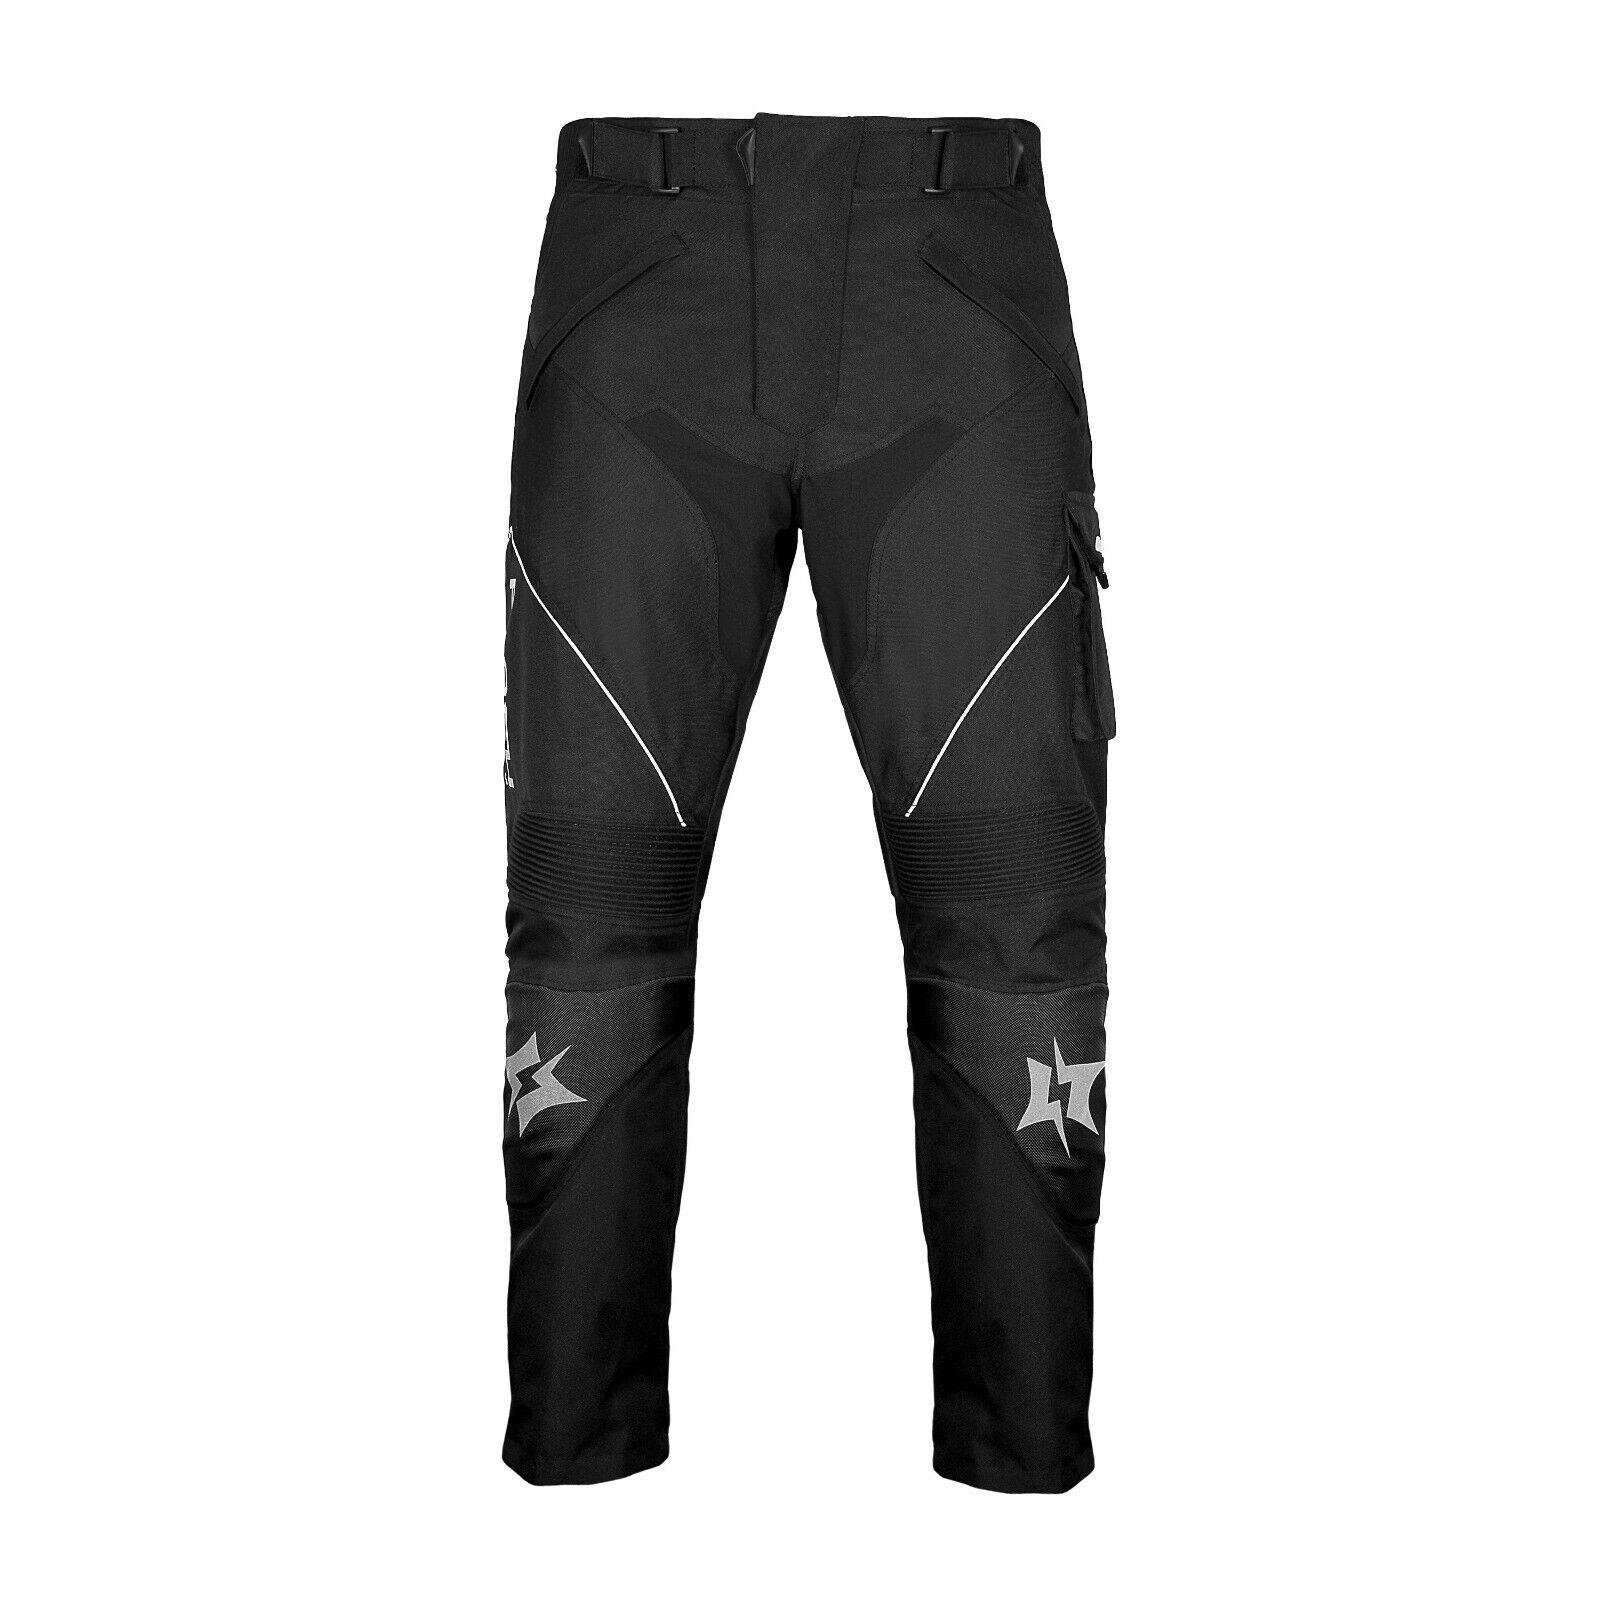 Motorradhose Textilhose schwarz Protektoren/Taschen Gr. S - 2XL